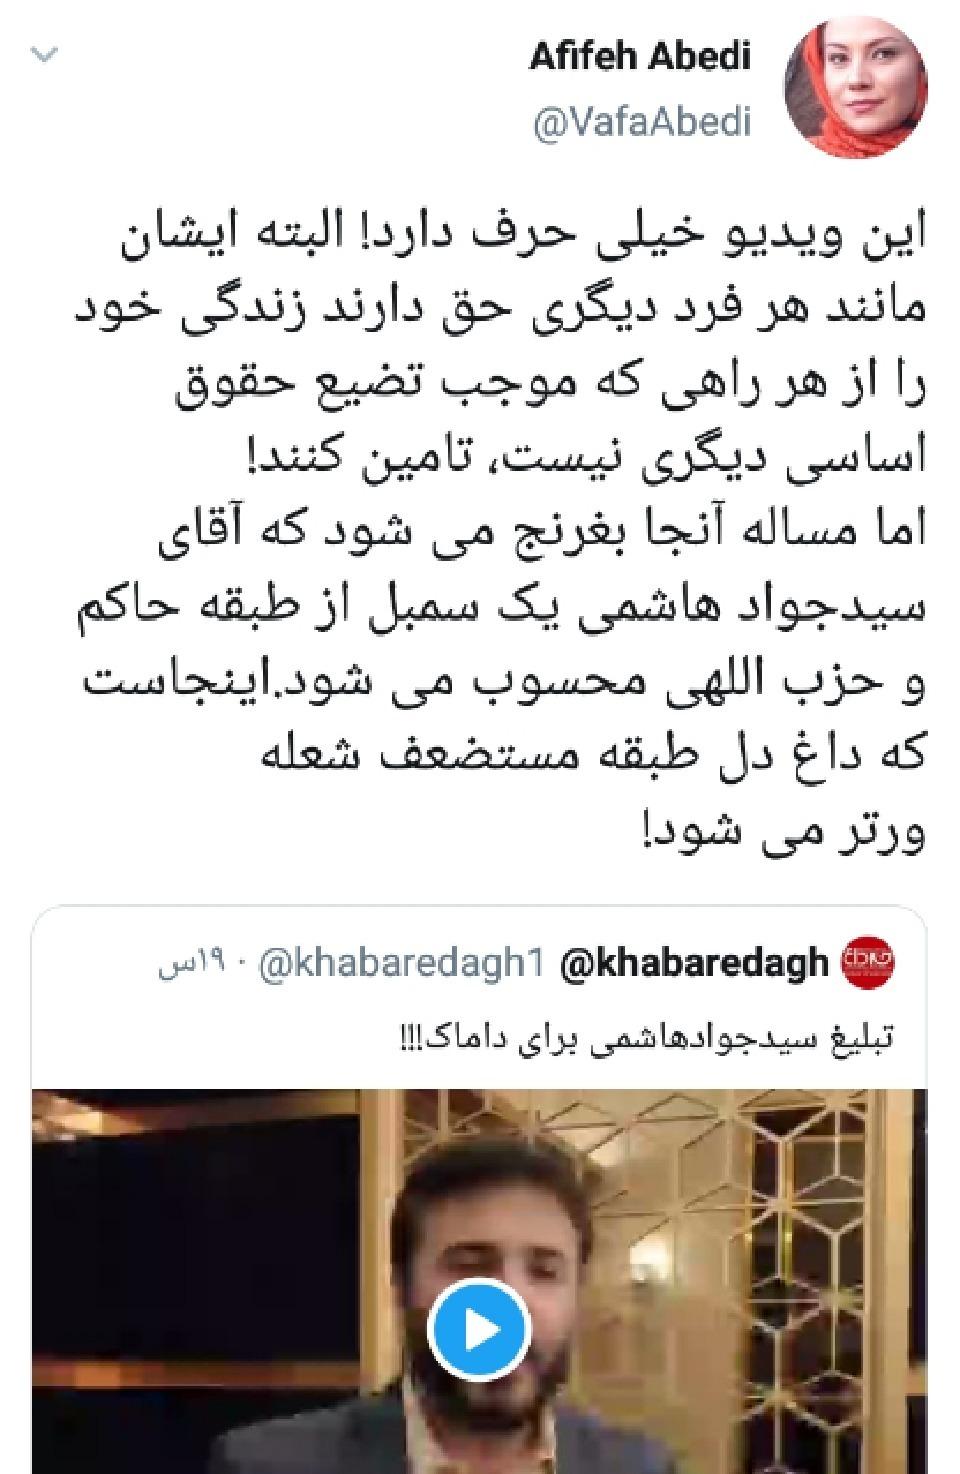 واکنش کاربران به تبلیغ داماک دبی توسط سیدجواد حسینی